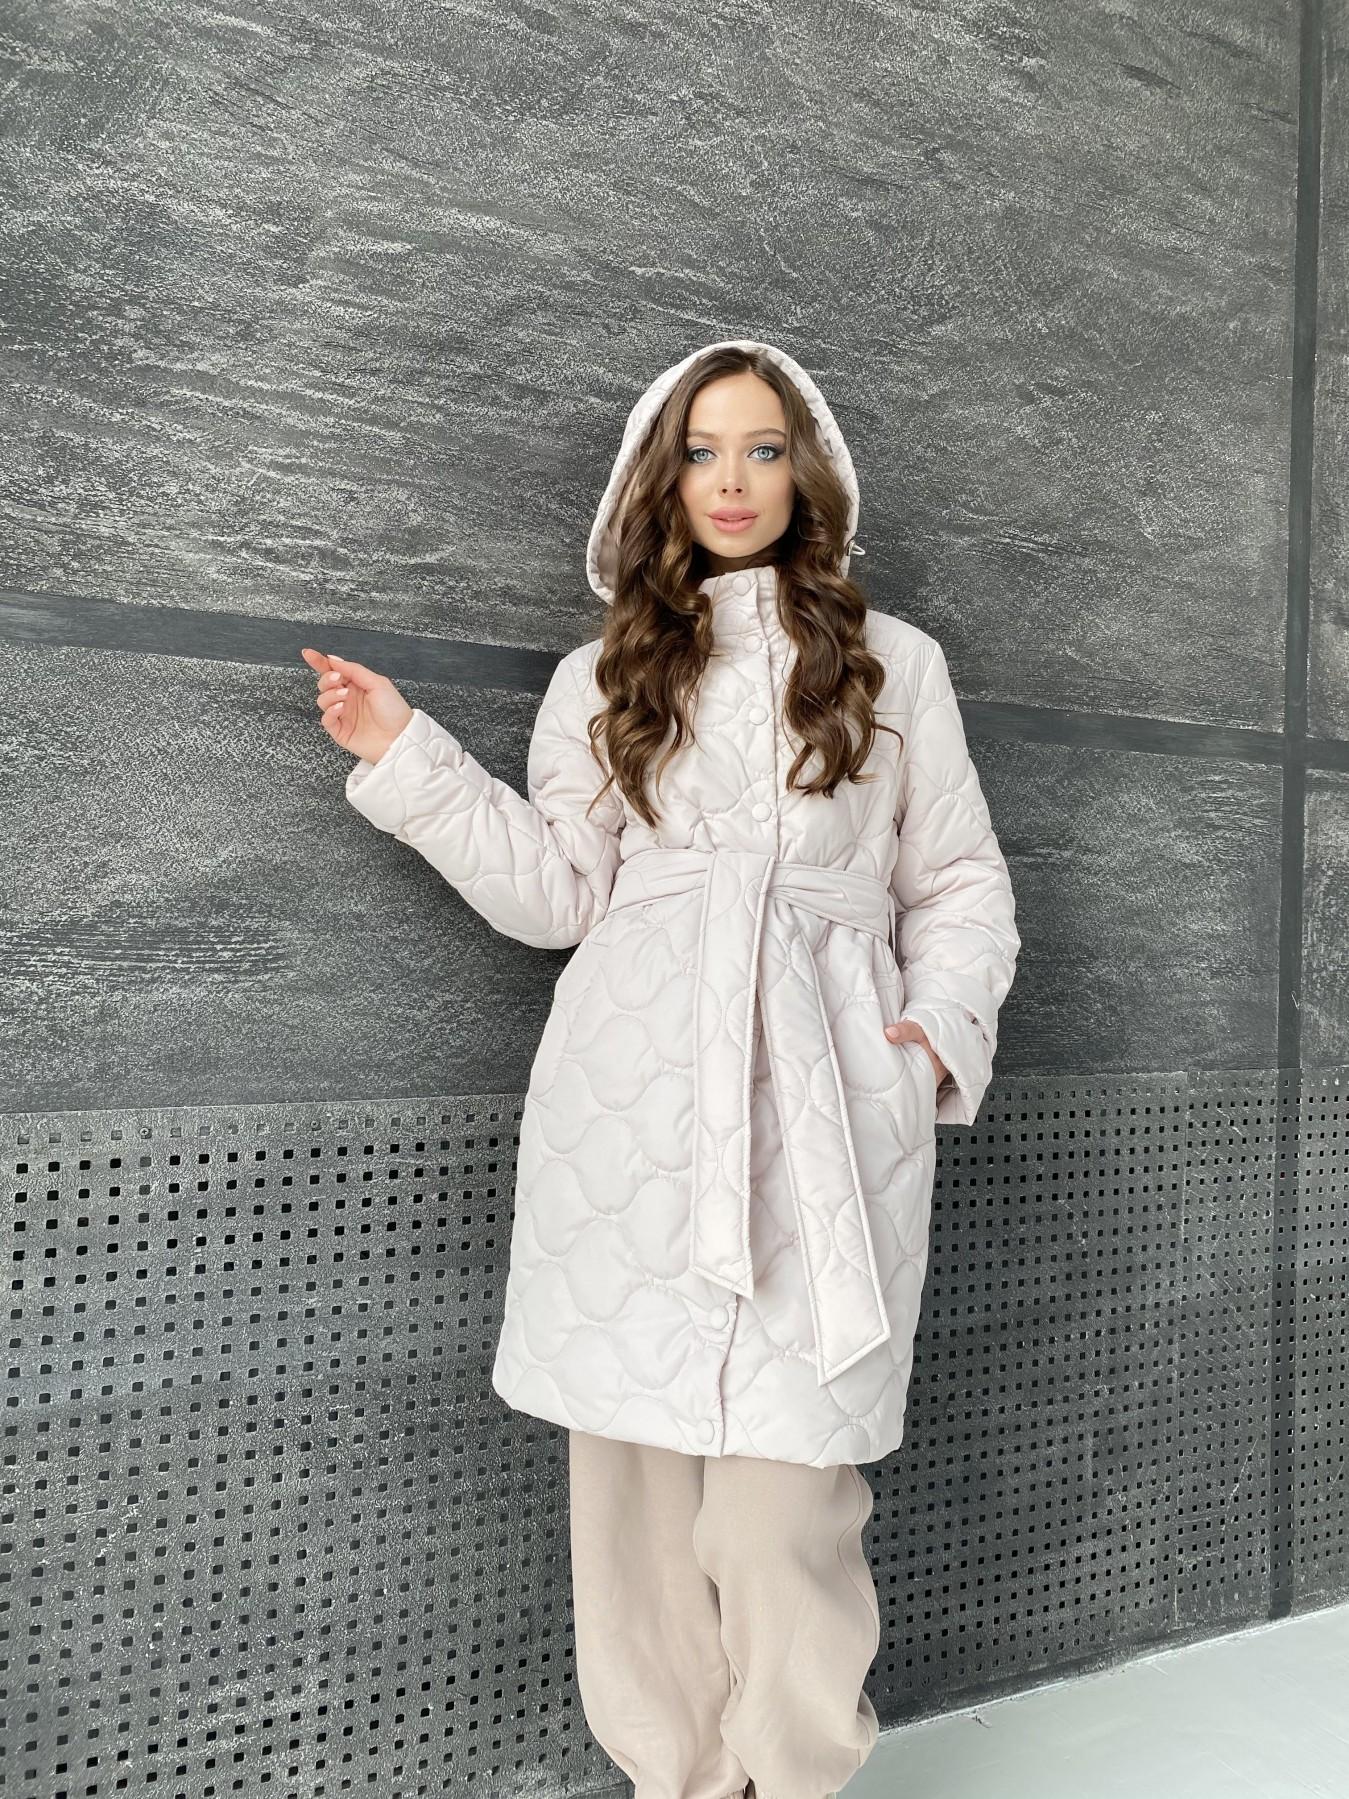 Виза ЗИГЗАГ стеганая куртка из плащевой ткани 11016 АРТ. 47517 Цвет: Бежевый 970 - фото 8, интернет магазин tm-modus.ru